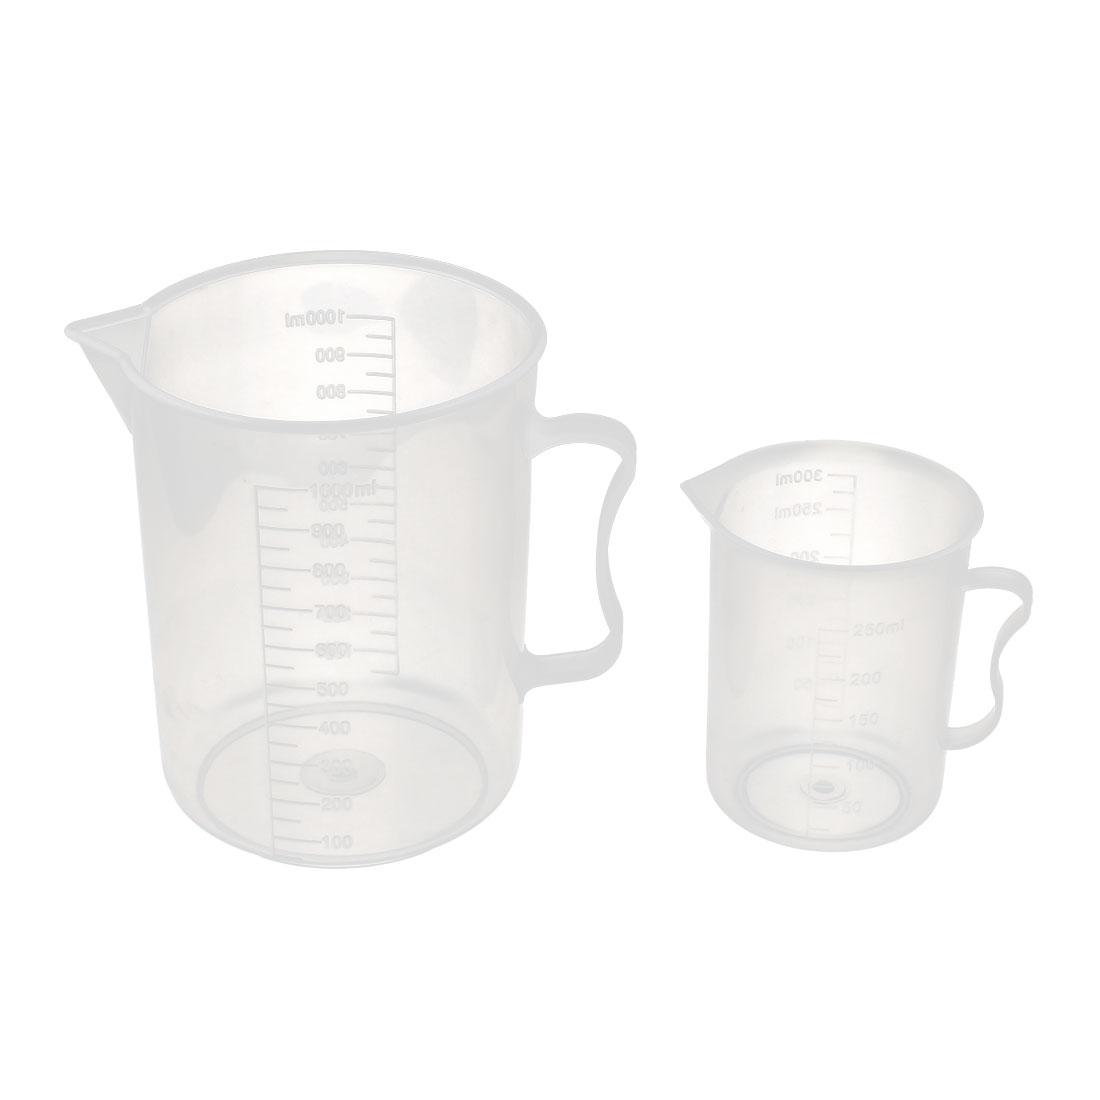 2 in 1 Plastic Lab Experiment Liquid Container Measuring Beaker Cup 300mL/1000mL